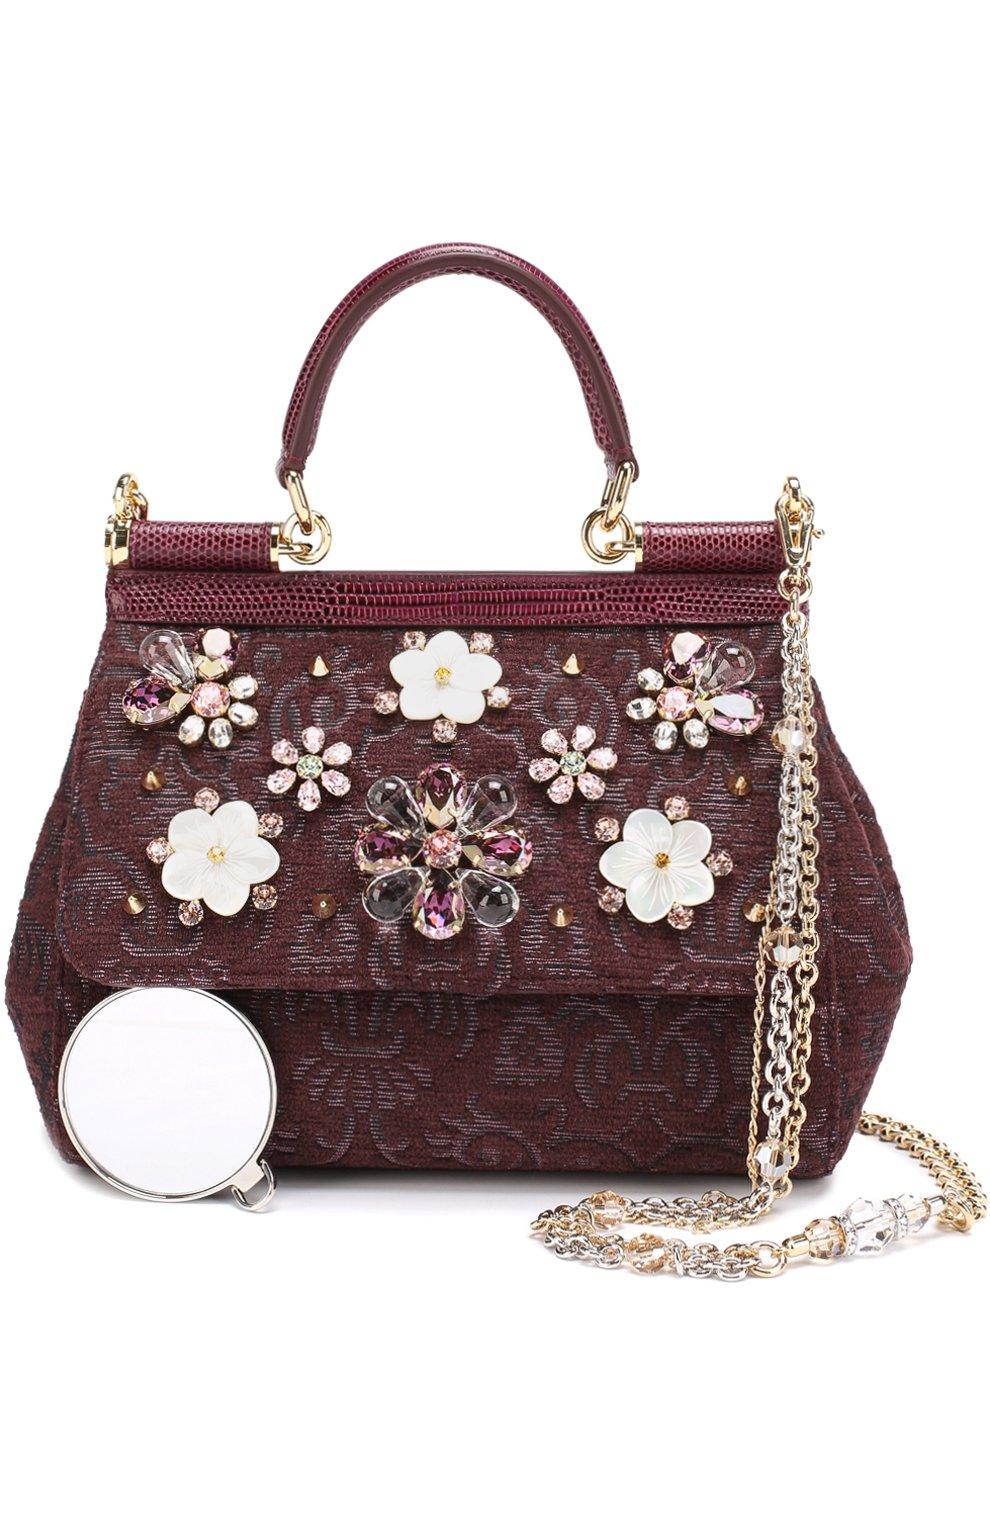 Сумка Sicily smallс отделкой кристаллами Limited edition Dolce & Gabbana бордового цвета | Фото №6